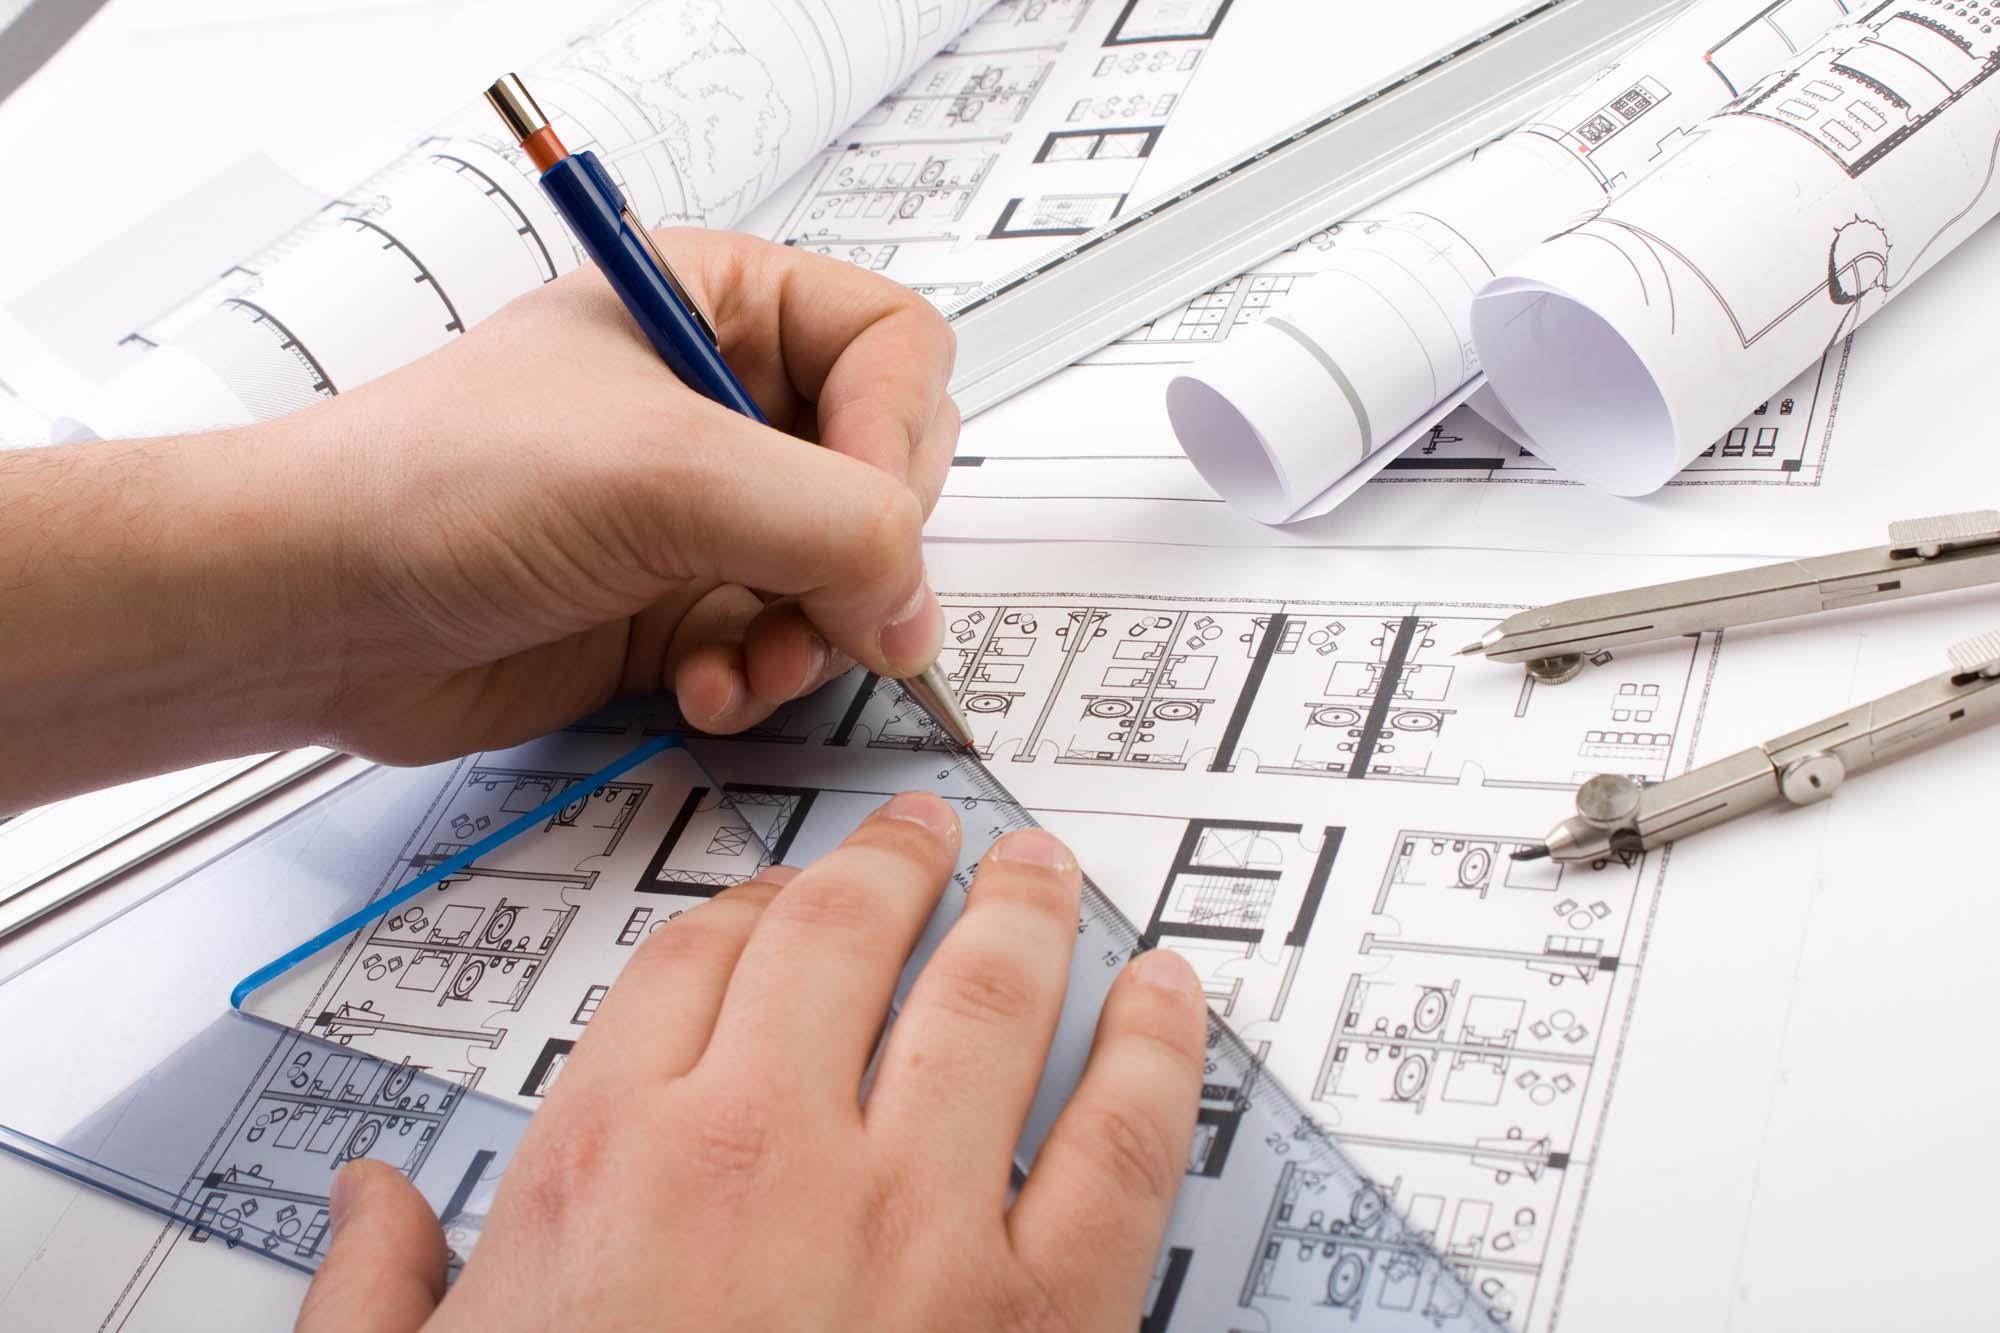 Что такое пос в строительстве? проект организации строительства: разработка, расчетные нормативы